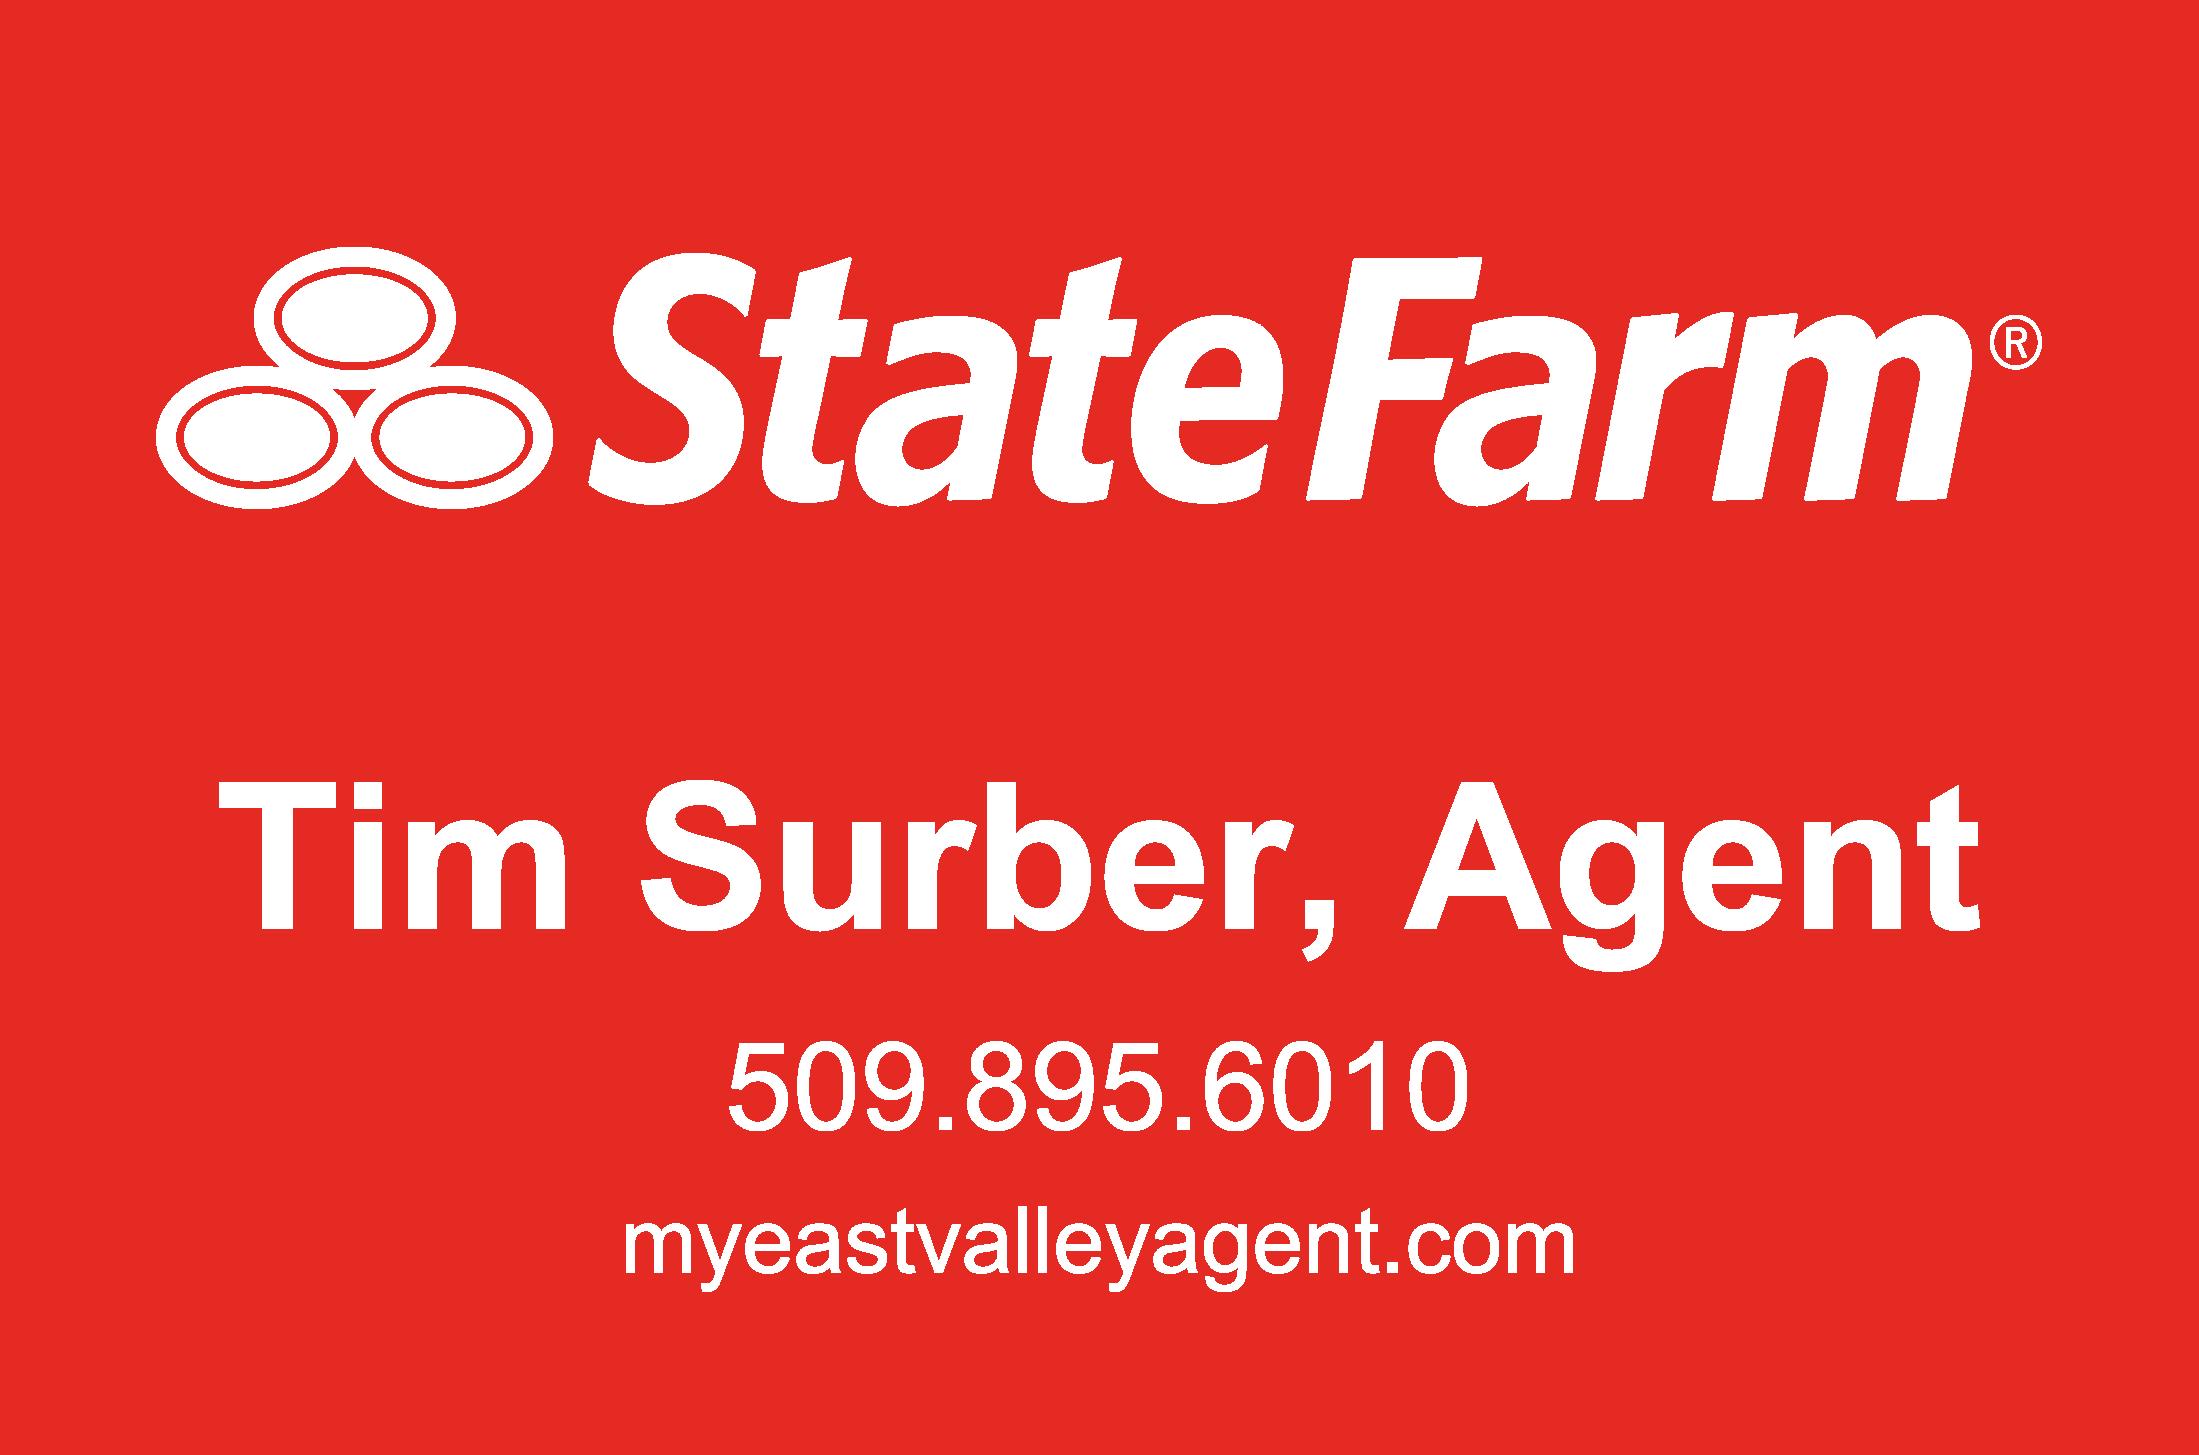 statefarm tim surber